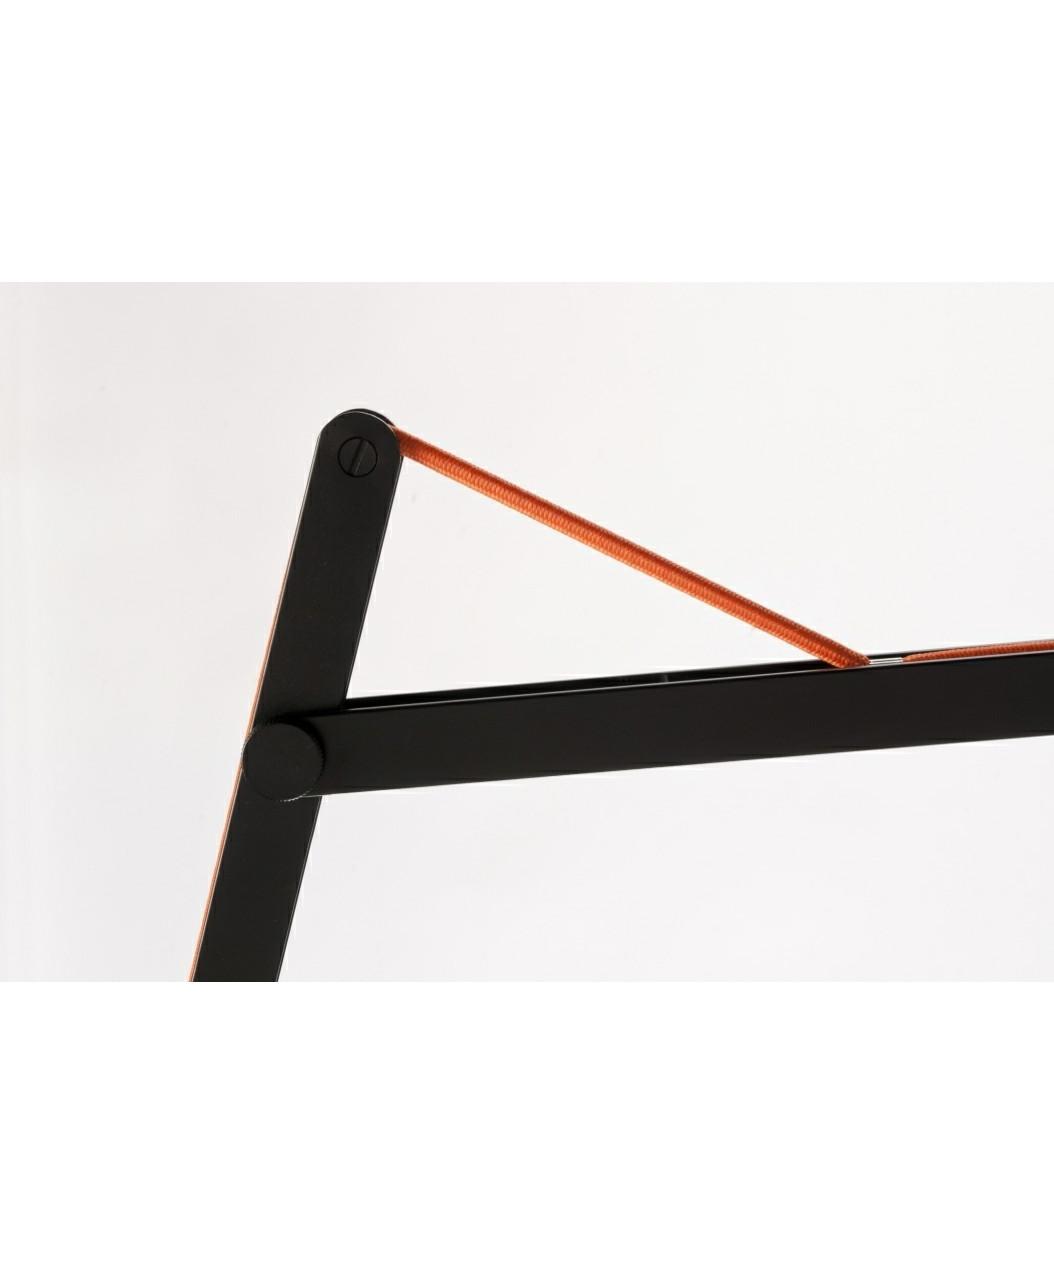 String w0 væglampe sort/orange elastik